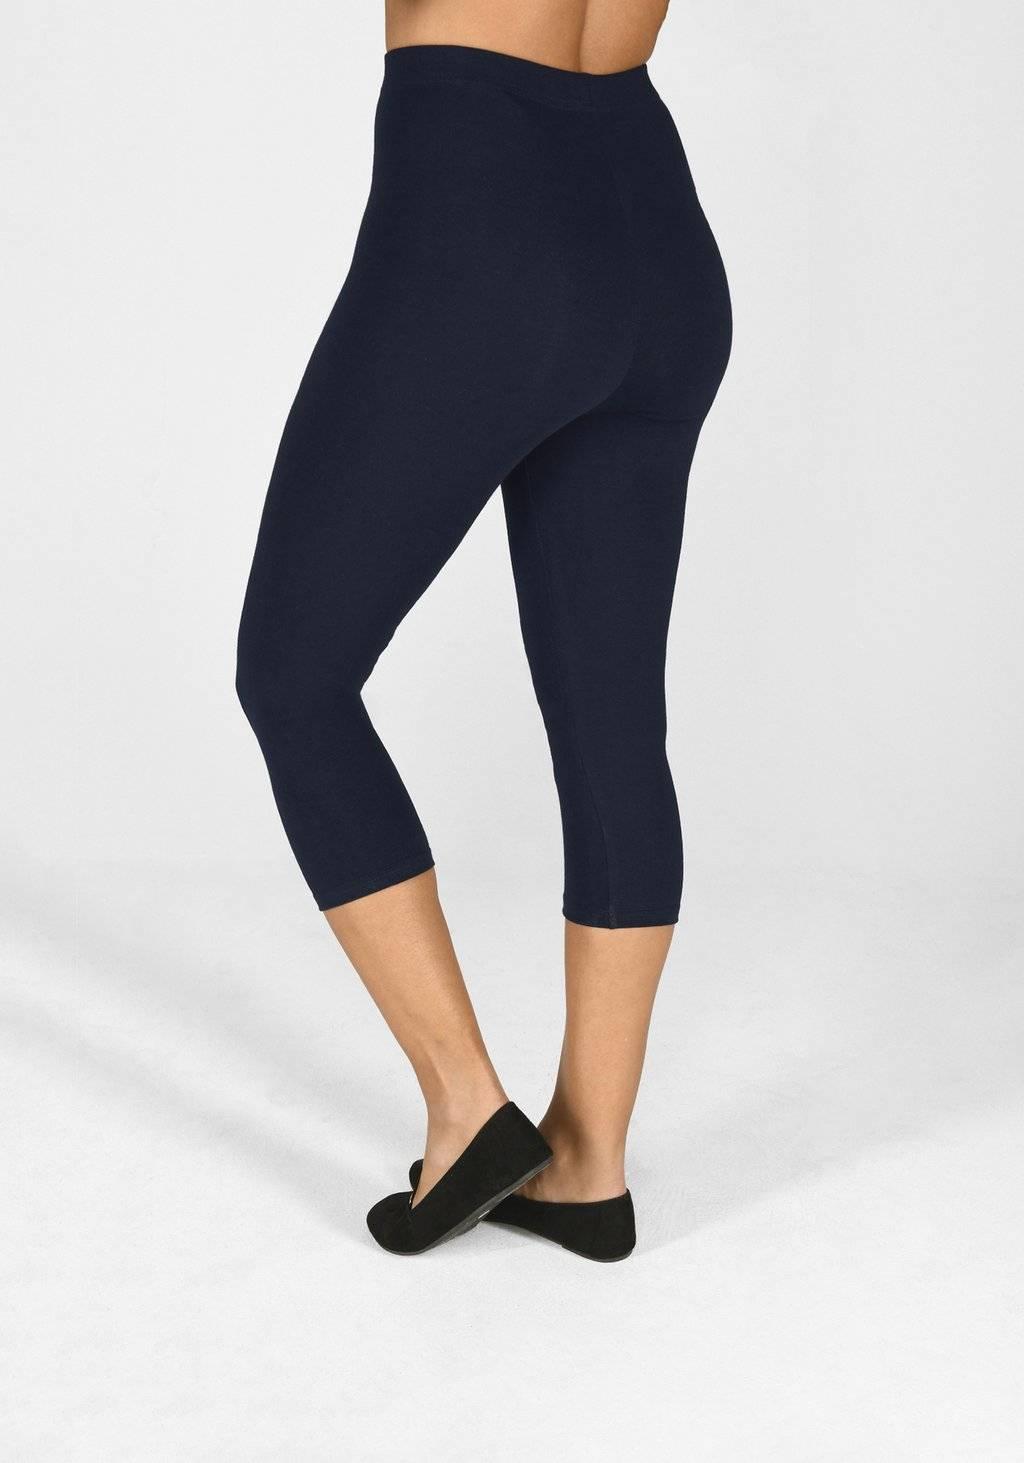 love leggings review